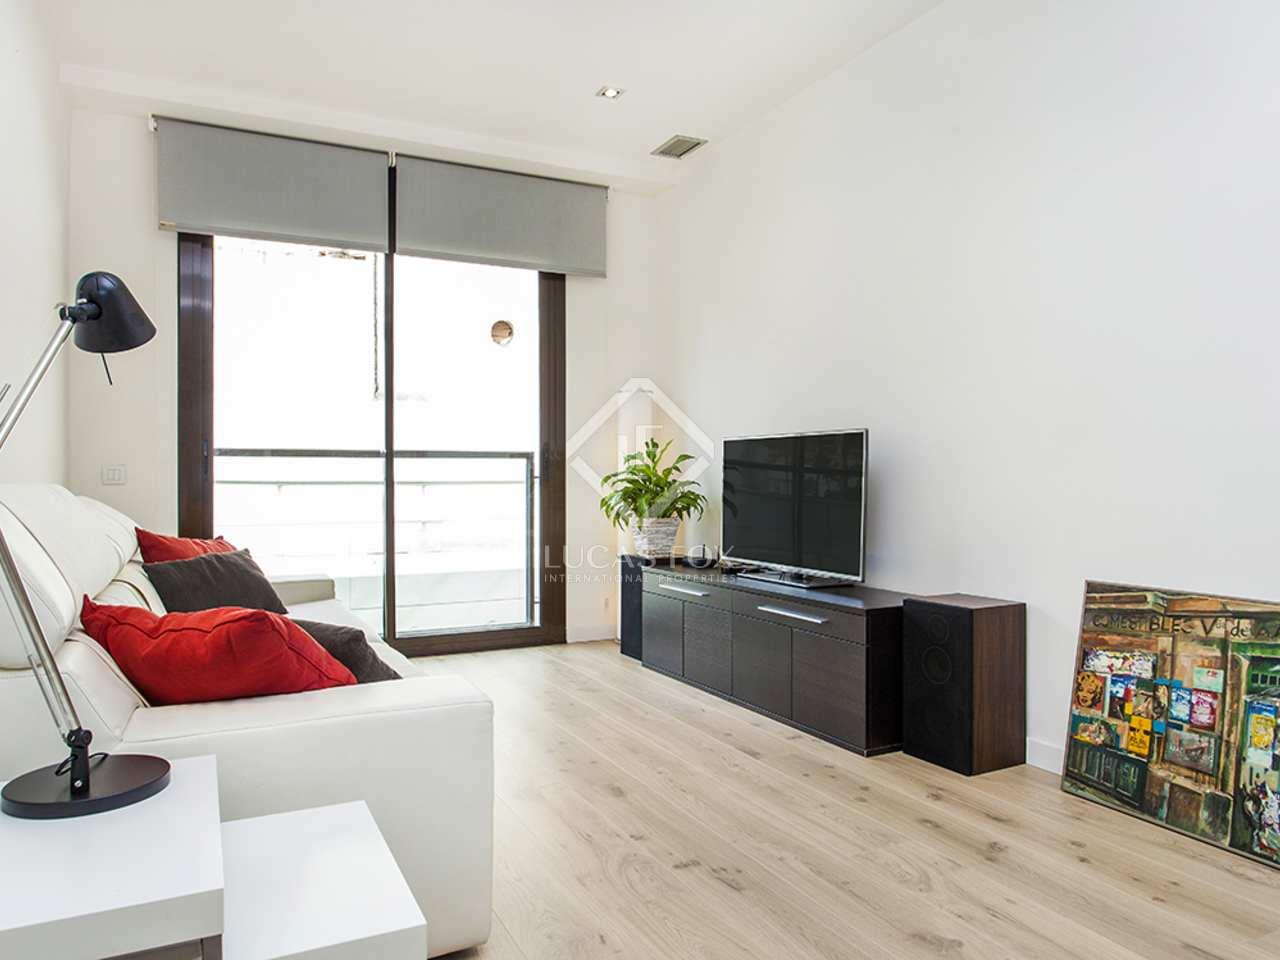 Modern apartment for rent in barcelona zona alta - Zona alta barcelona ...